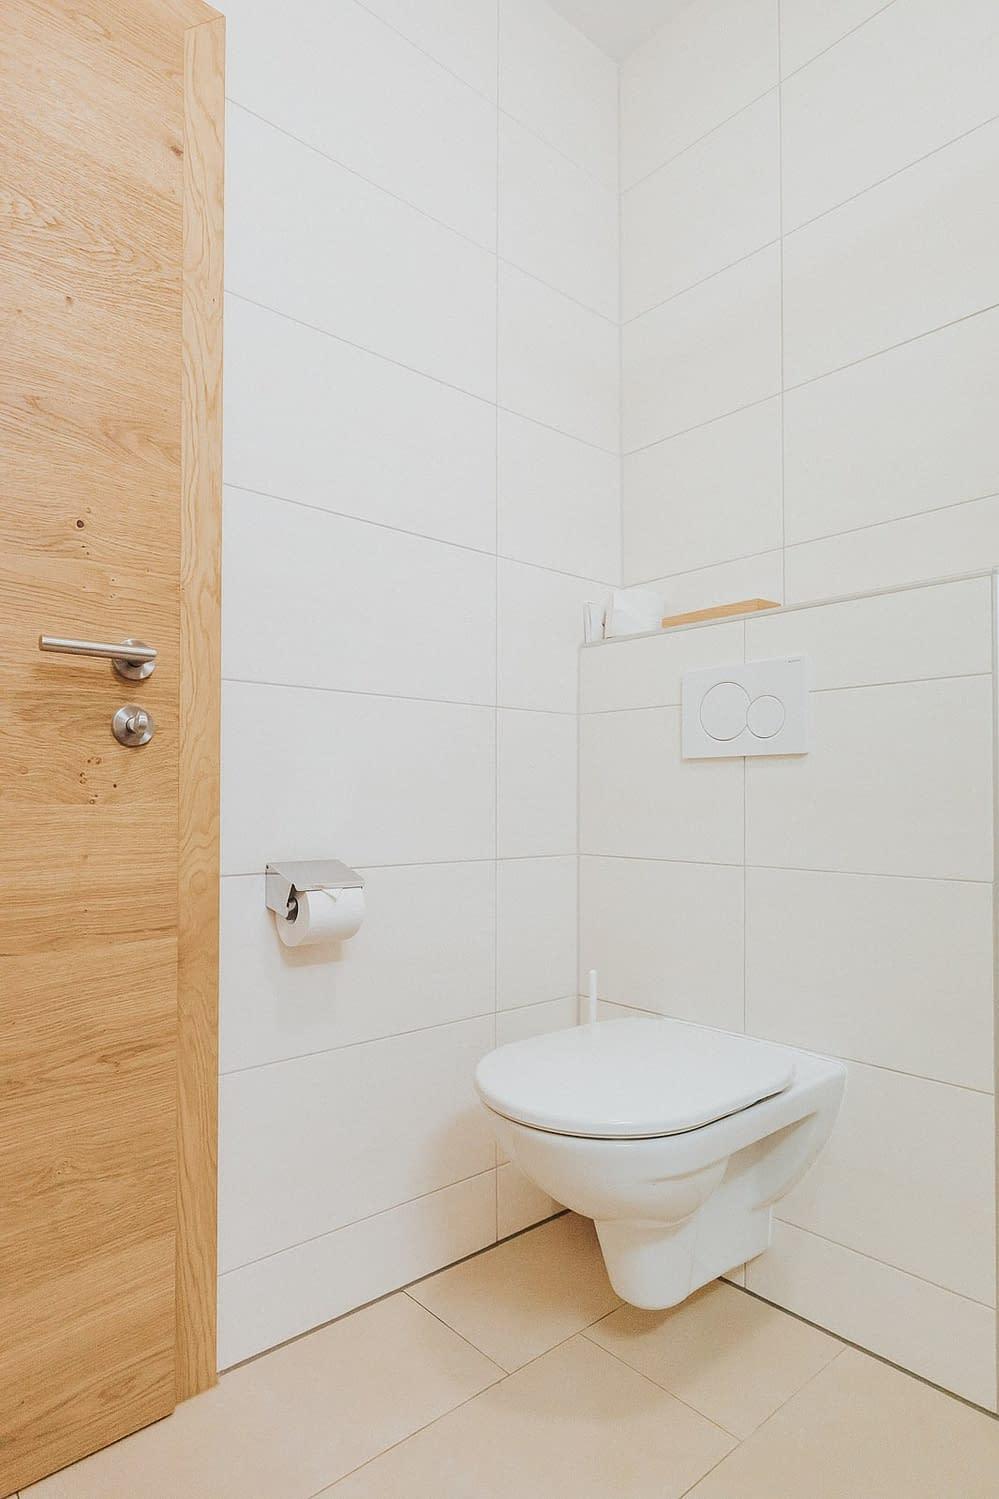 Toilette - Hotel Fotografie - Silberfux